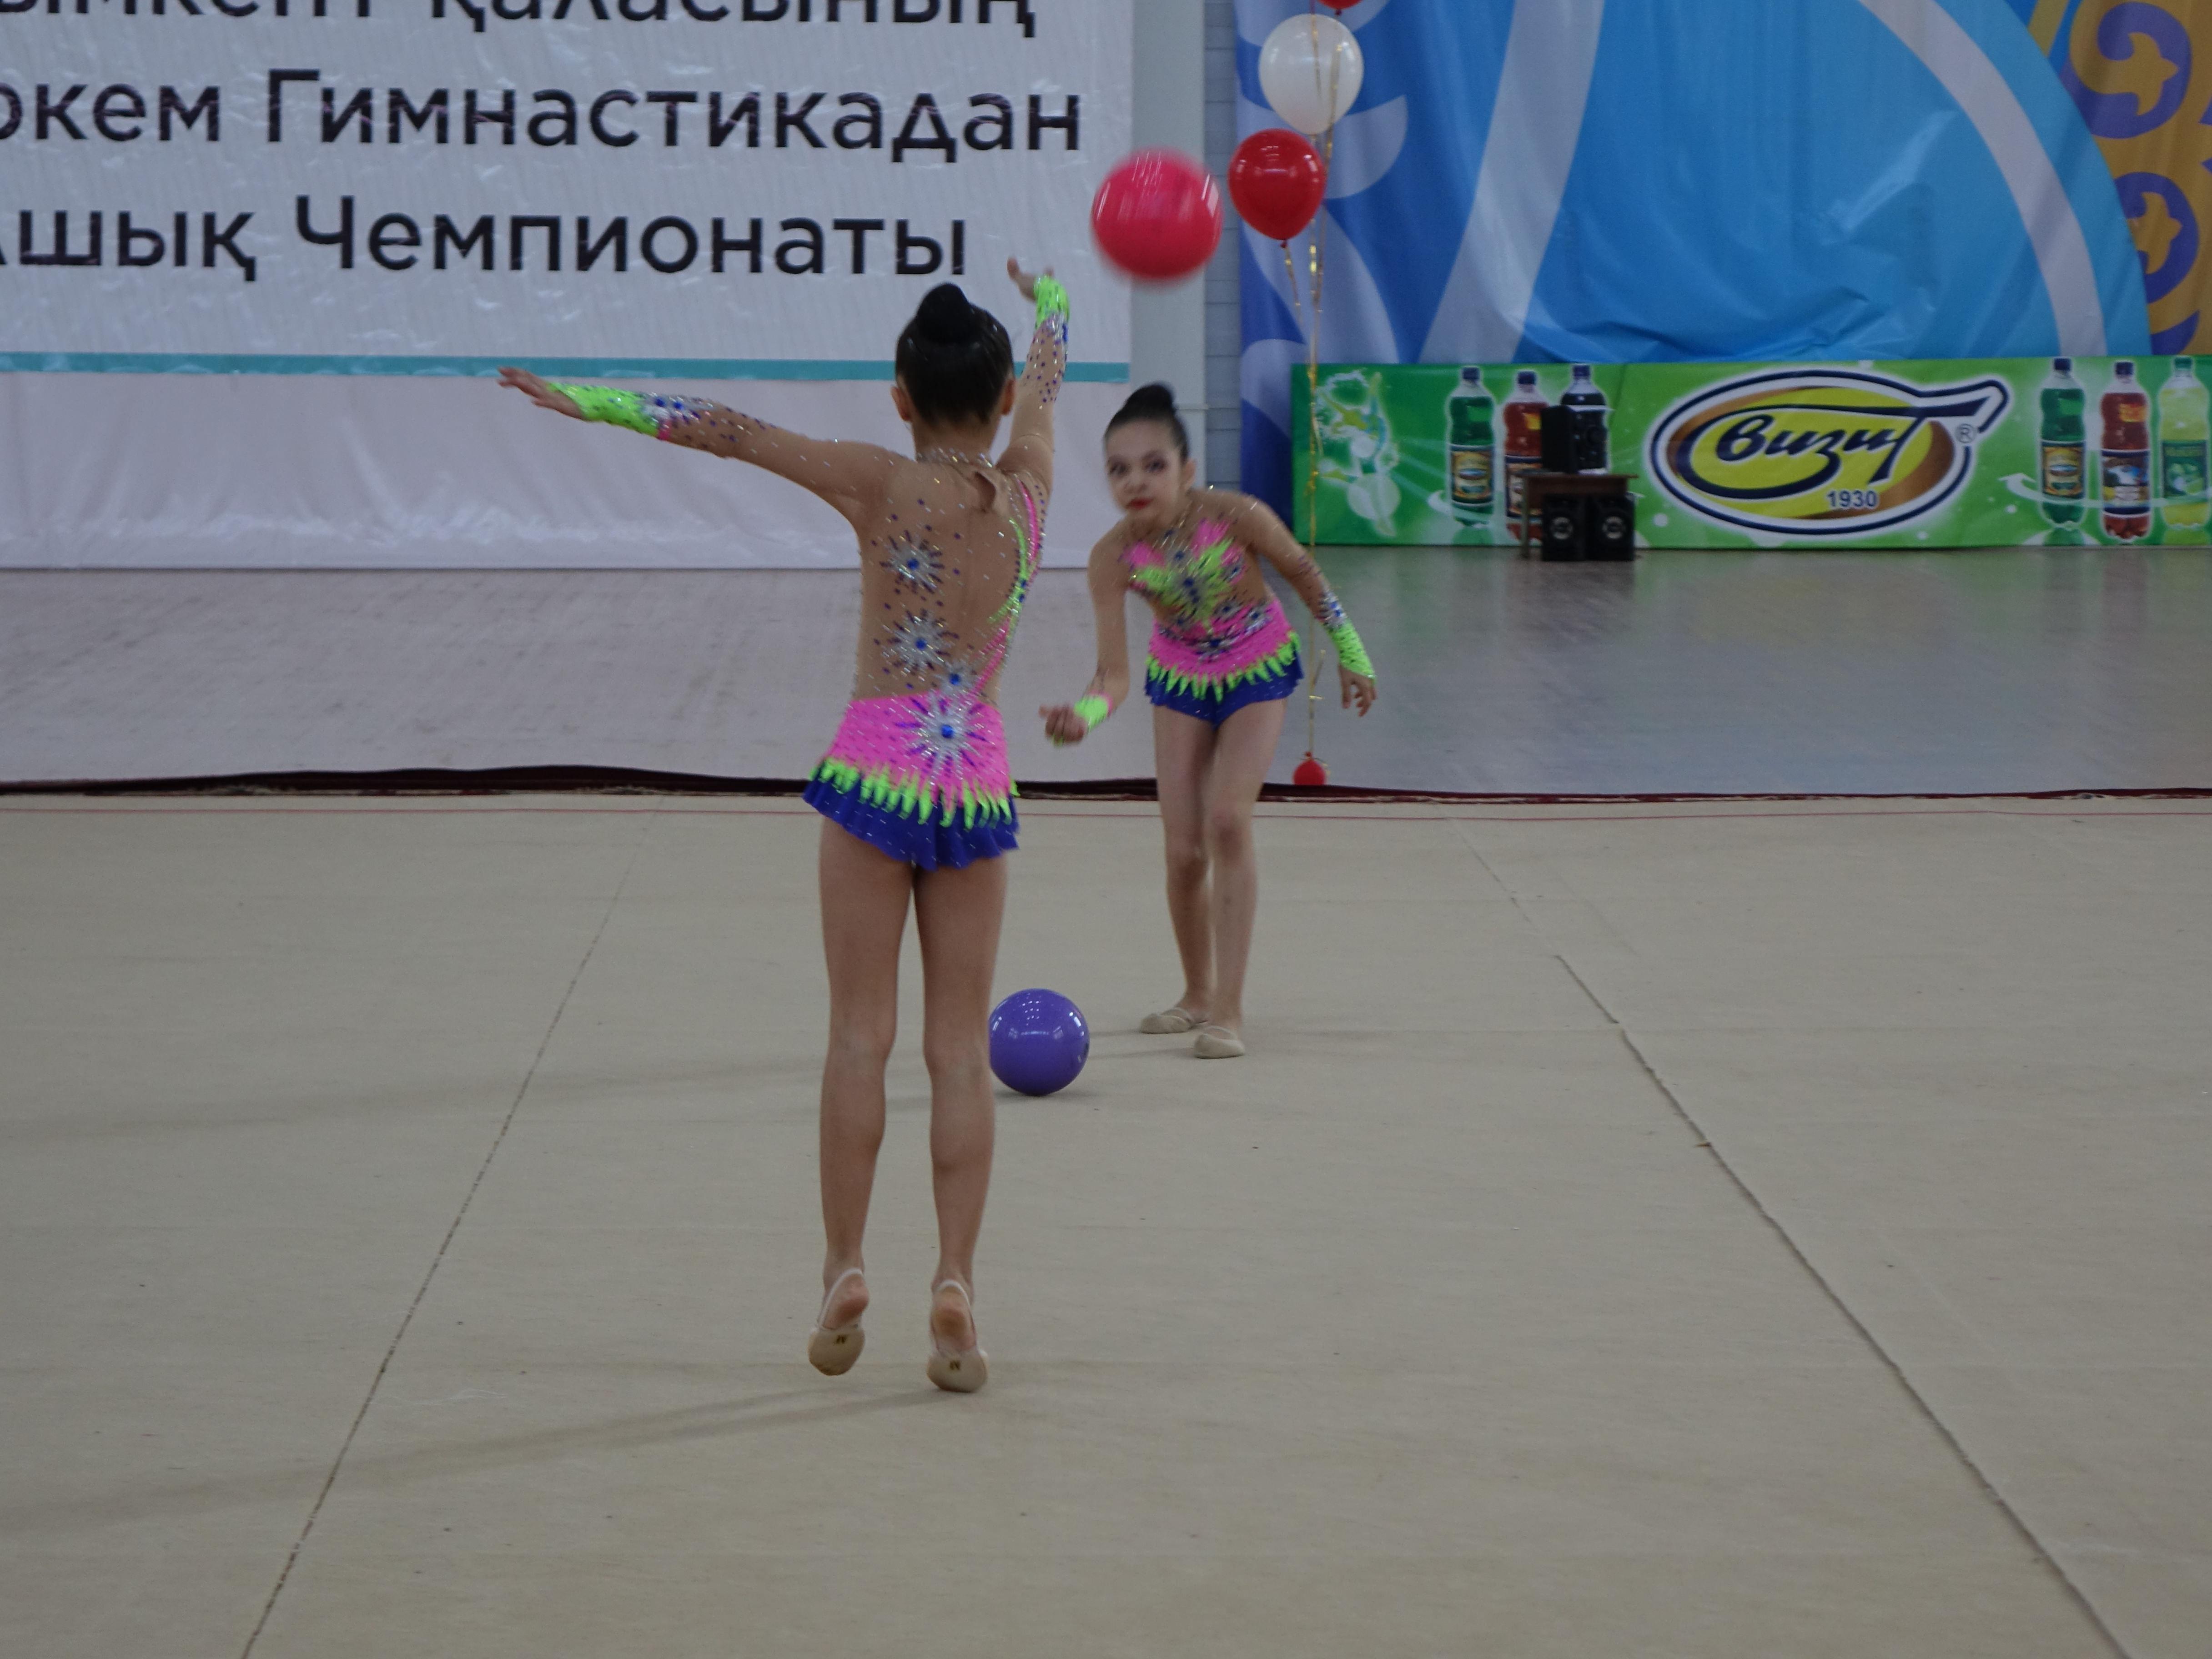 Шымкентте көркем гимнастикадан ашық турнир басталды